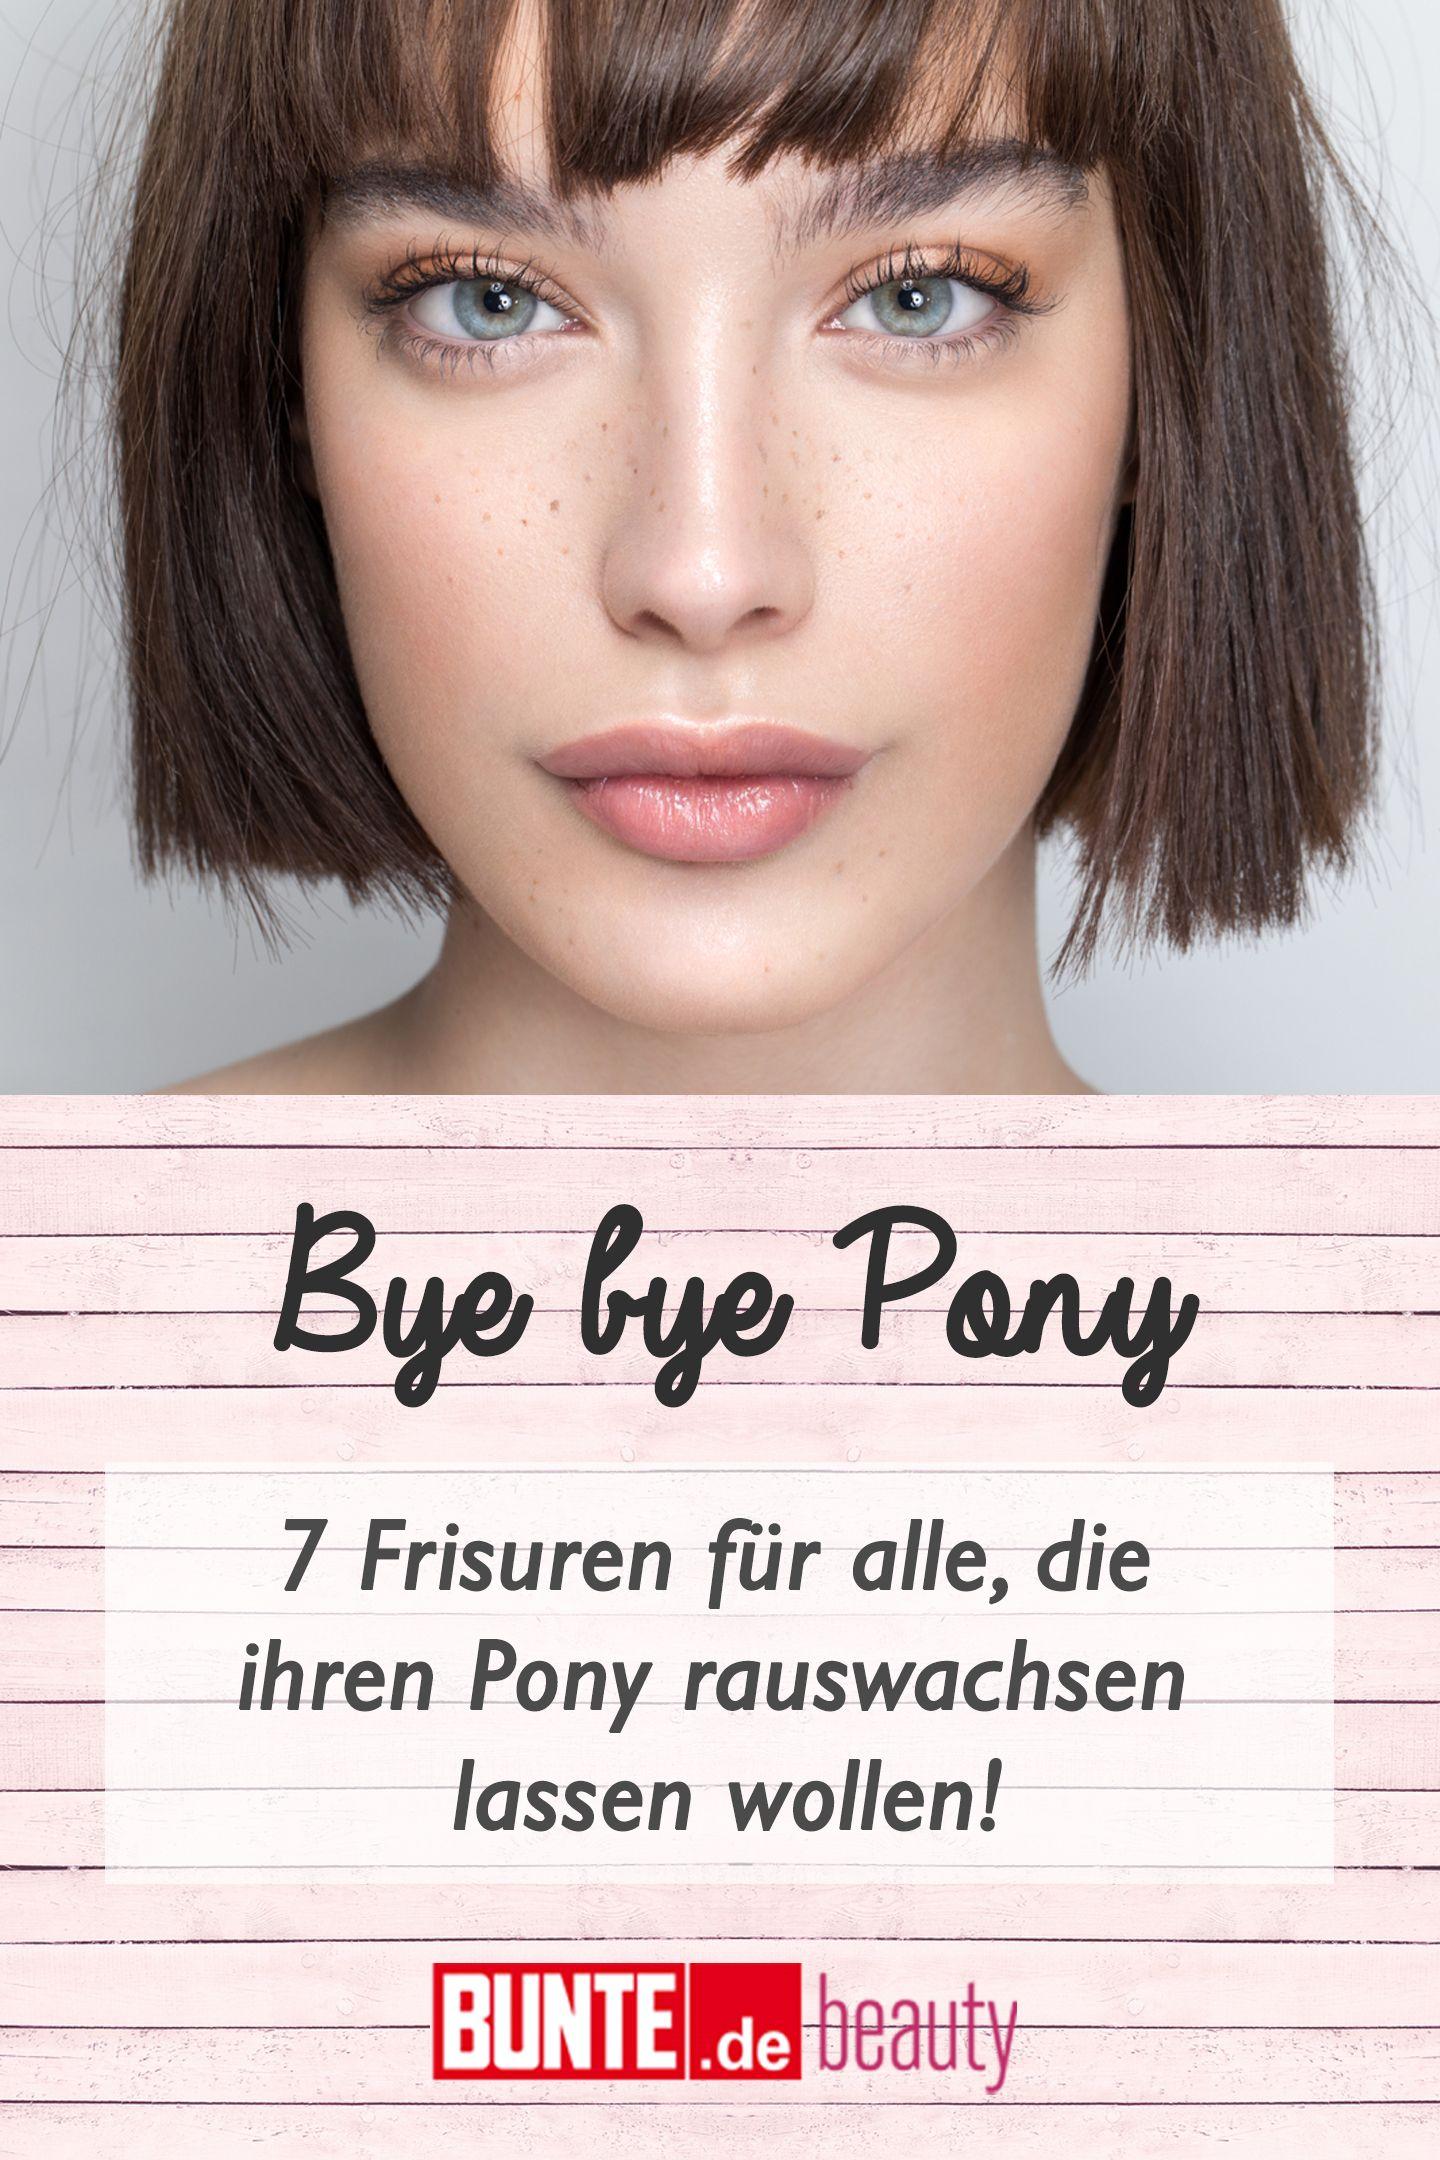 Pony Rauswachsen Lassen 7 Ubergangsfrisuren Fur Den Abschied Vom Pony Ubergangsfrisuren Pony Aus Dem Gesicht Frisuren Rausgewachsener Pony